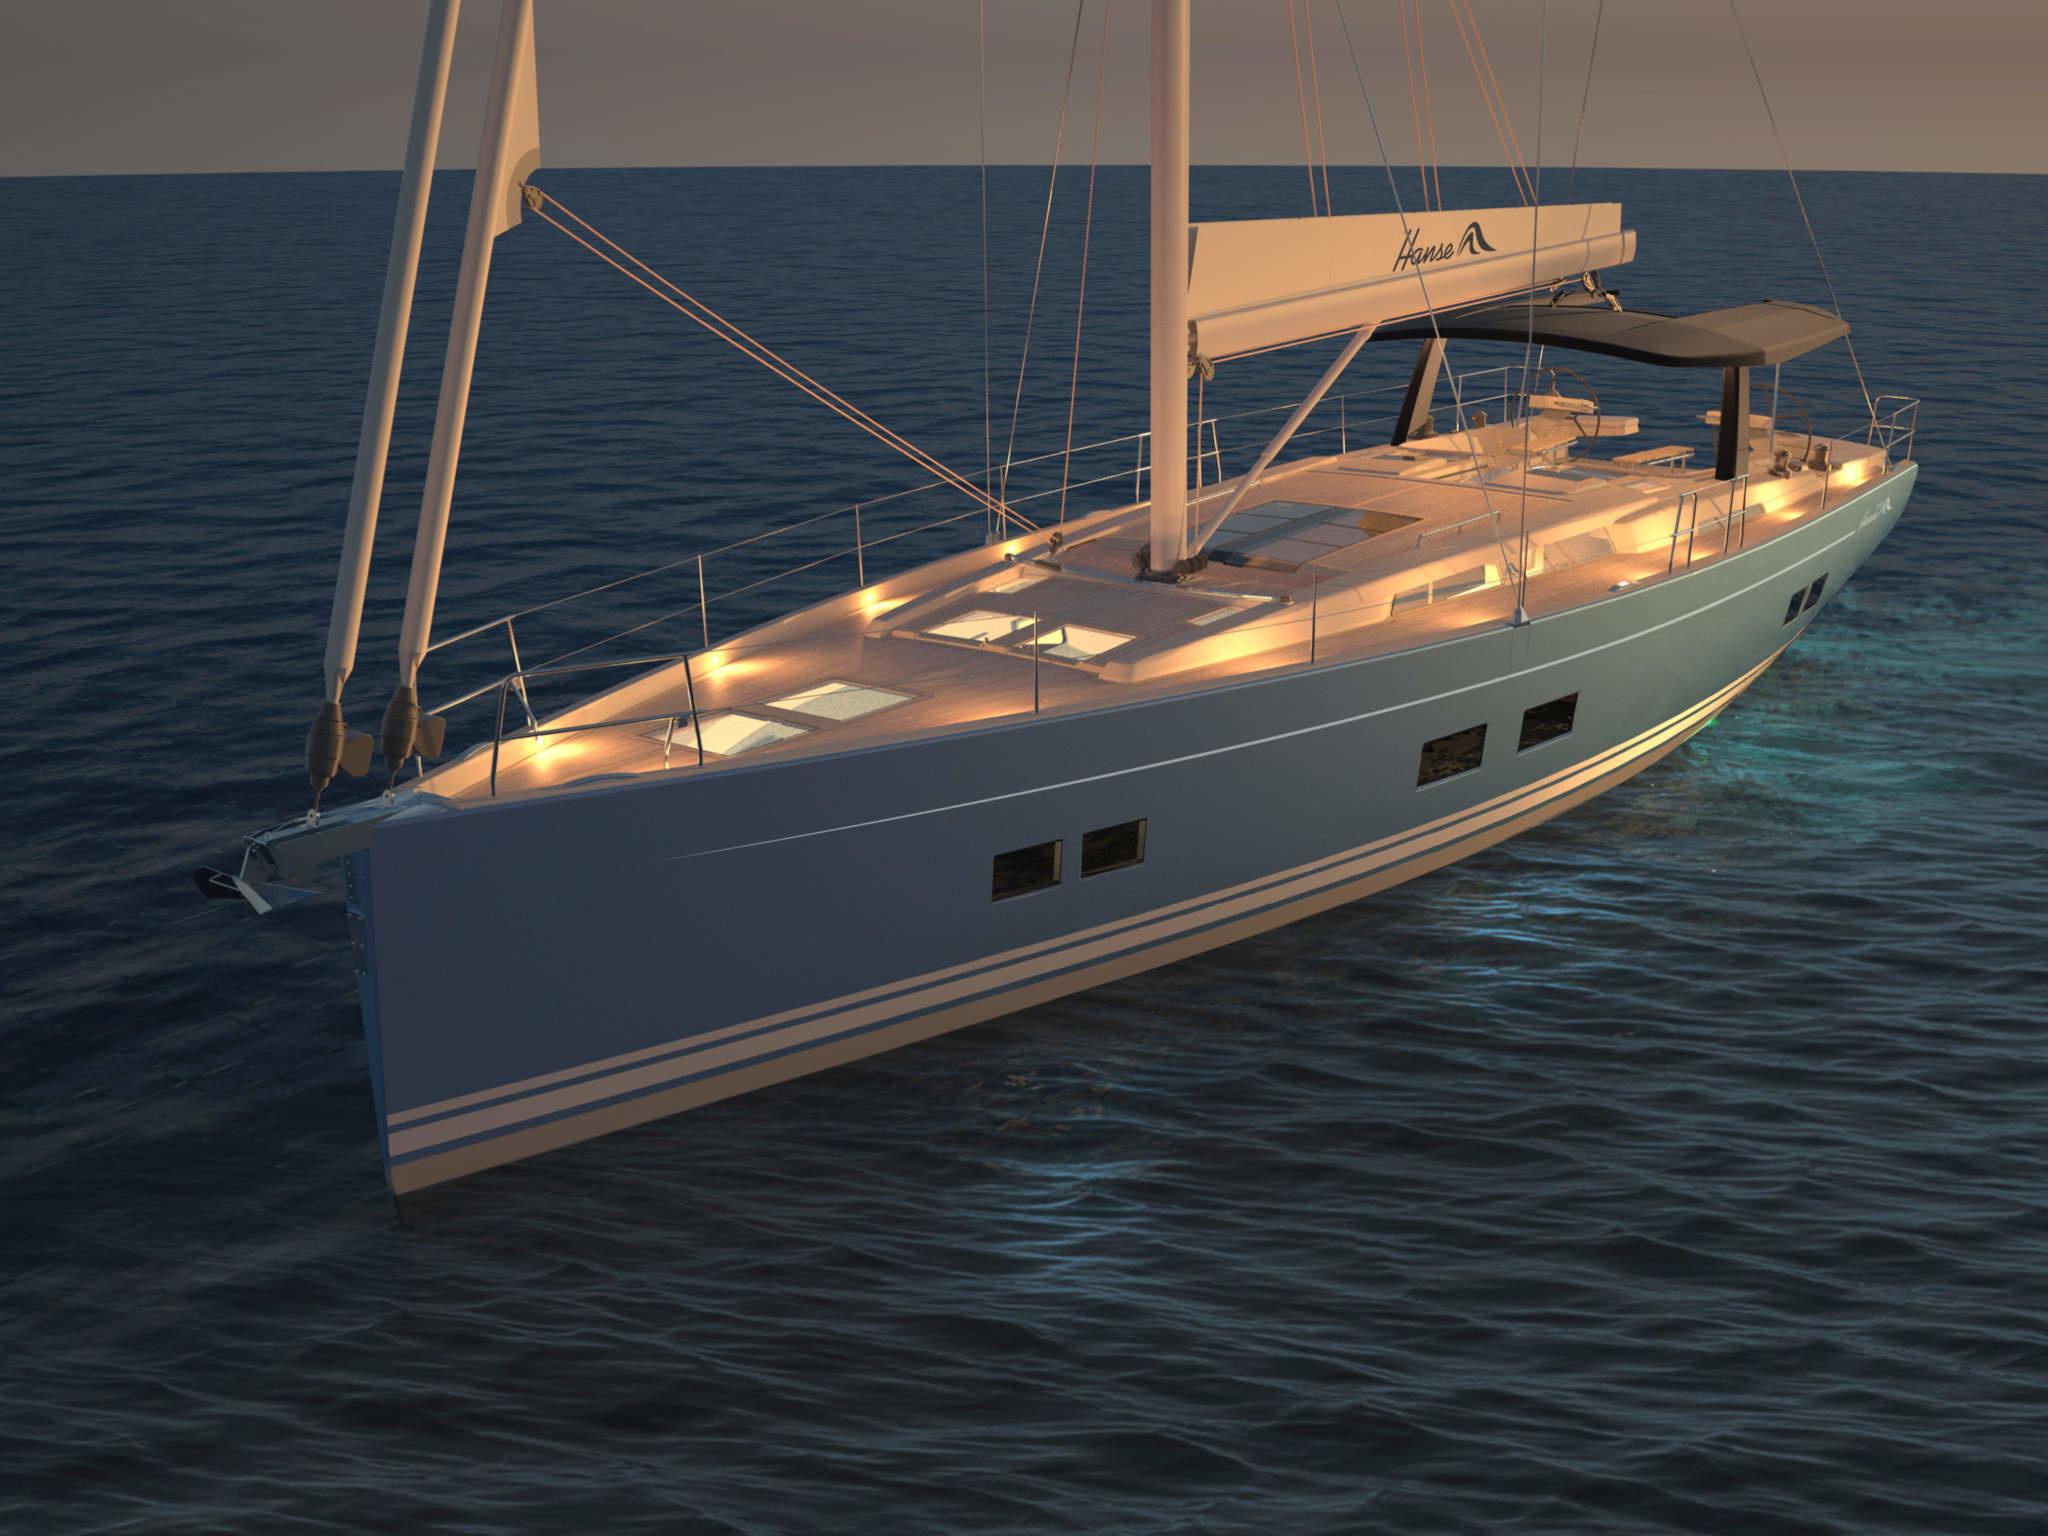 Яхта Hanse 588 - новинка в модельном ряду HanseYachts